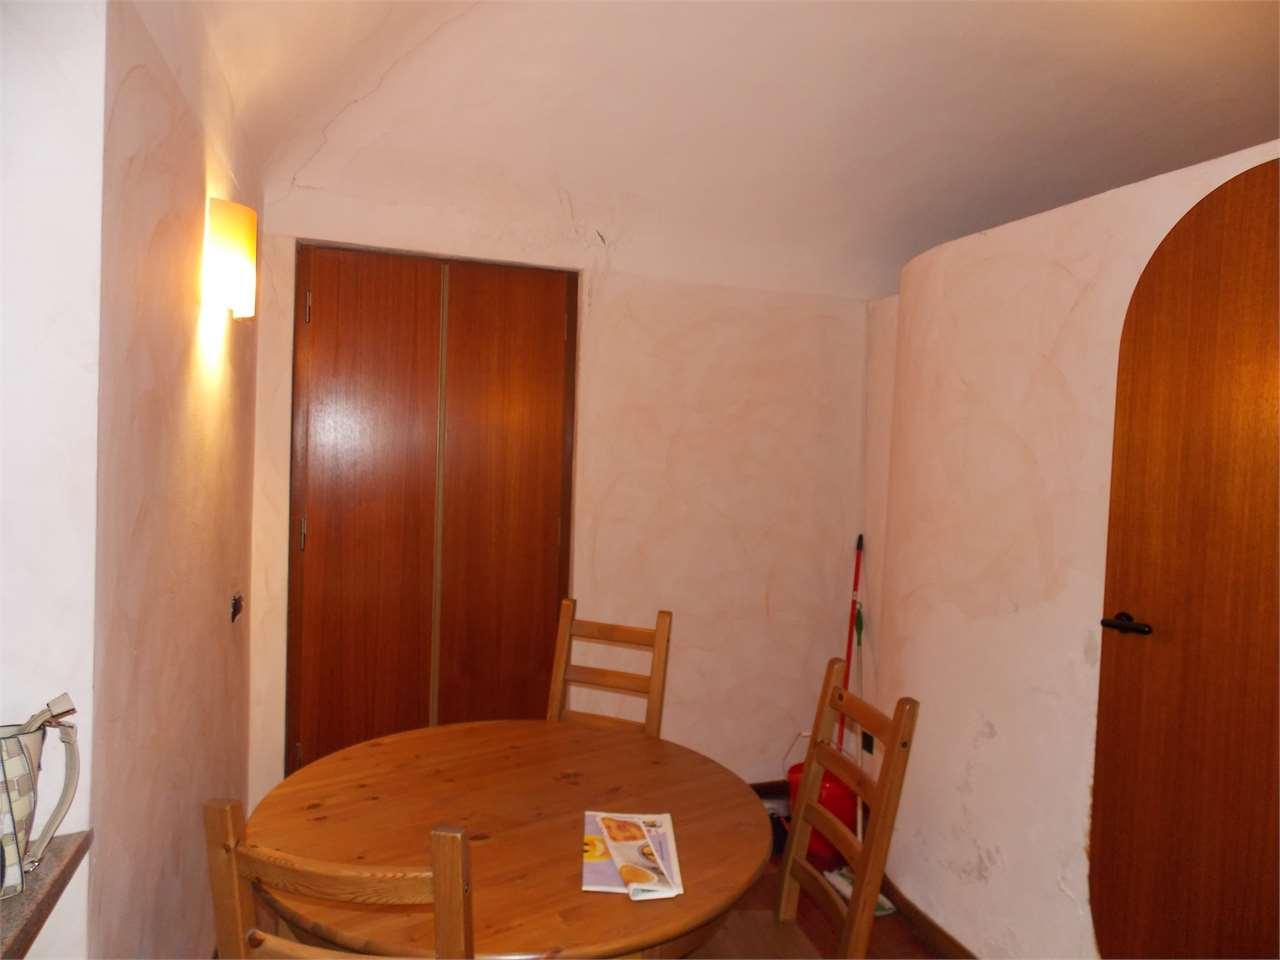 Vendita Monolocale Appartamento Asti via brofferio  245314